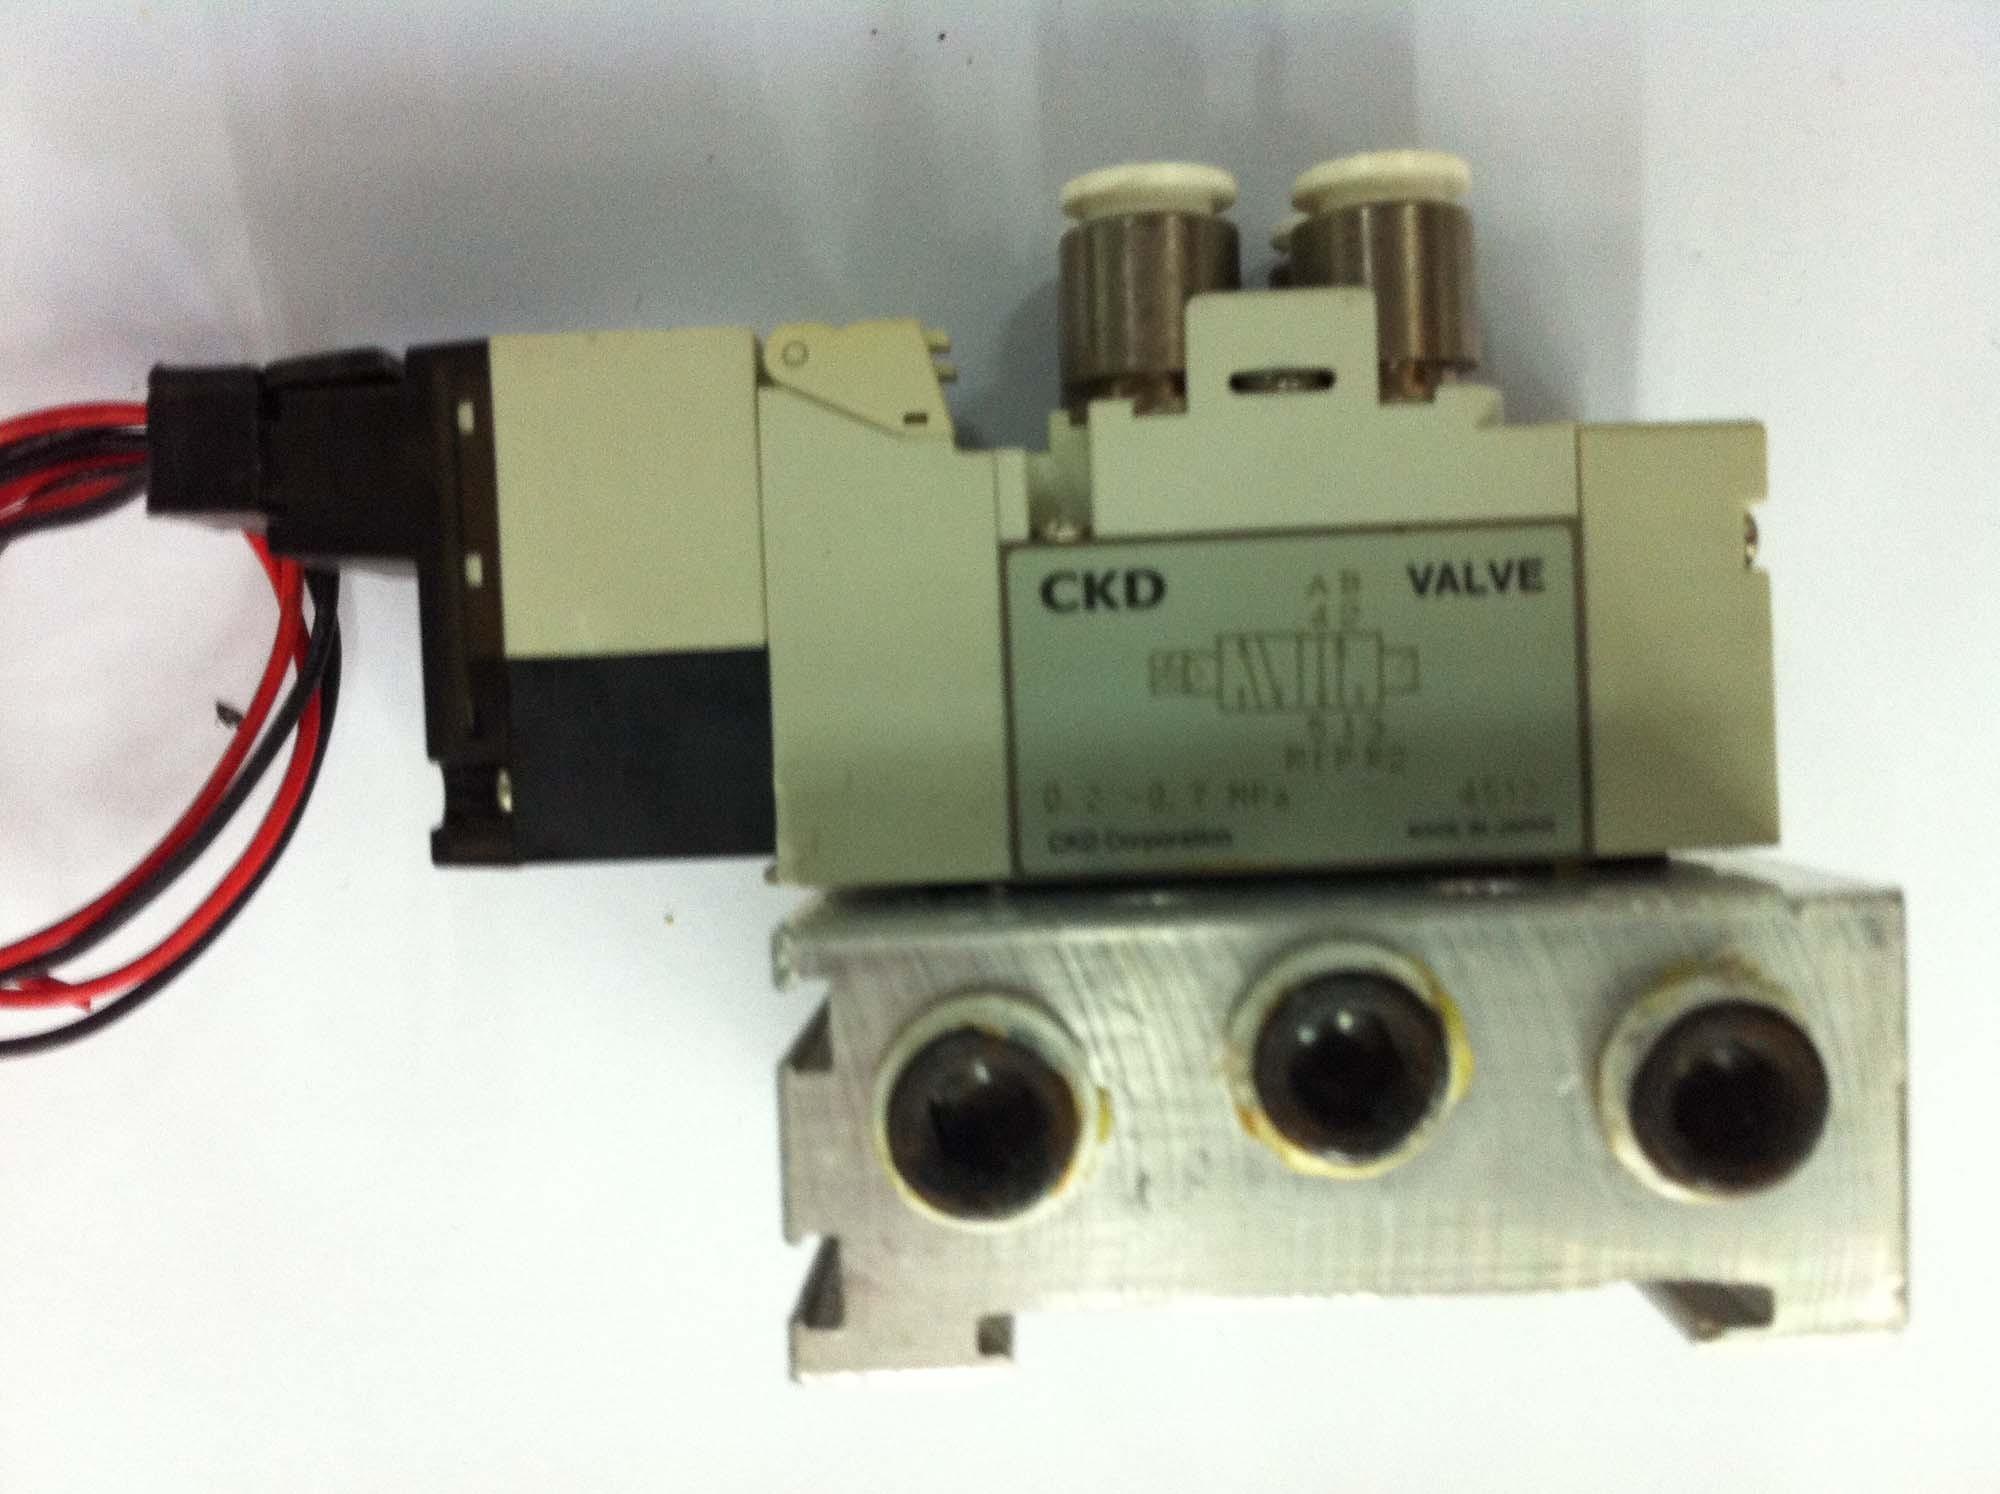 Demontieren Teile eine Gute Leistung CKD4GA119-E23F elektronisch gesteuerte ventile in Japan